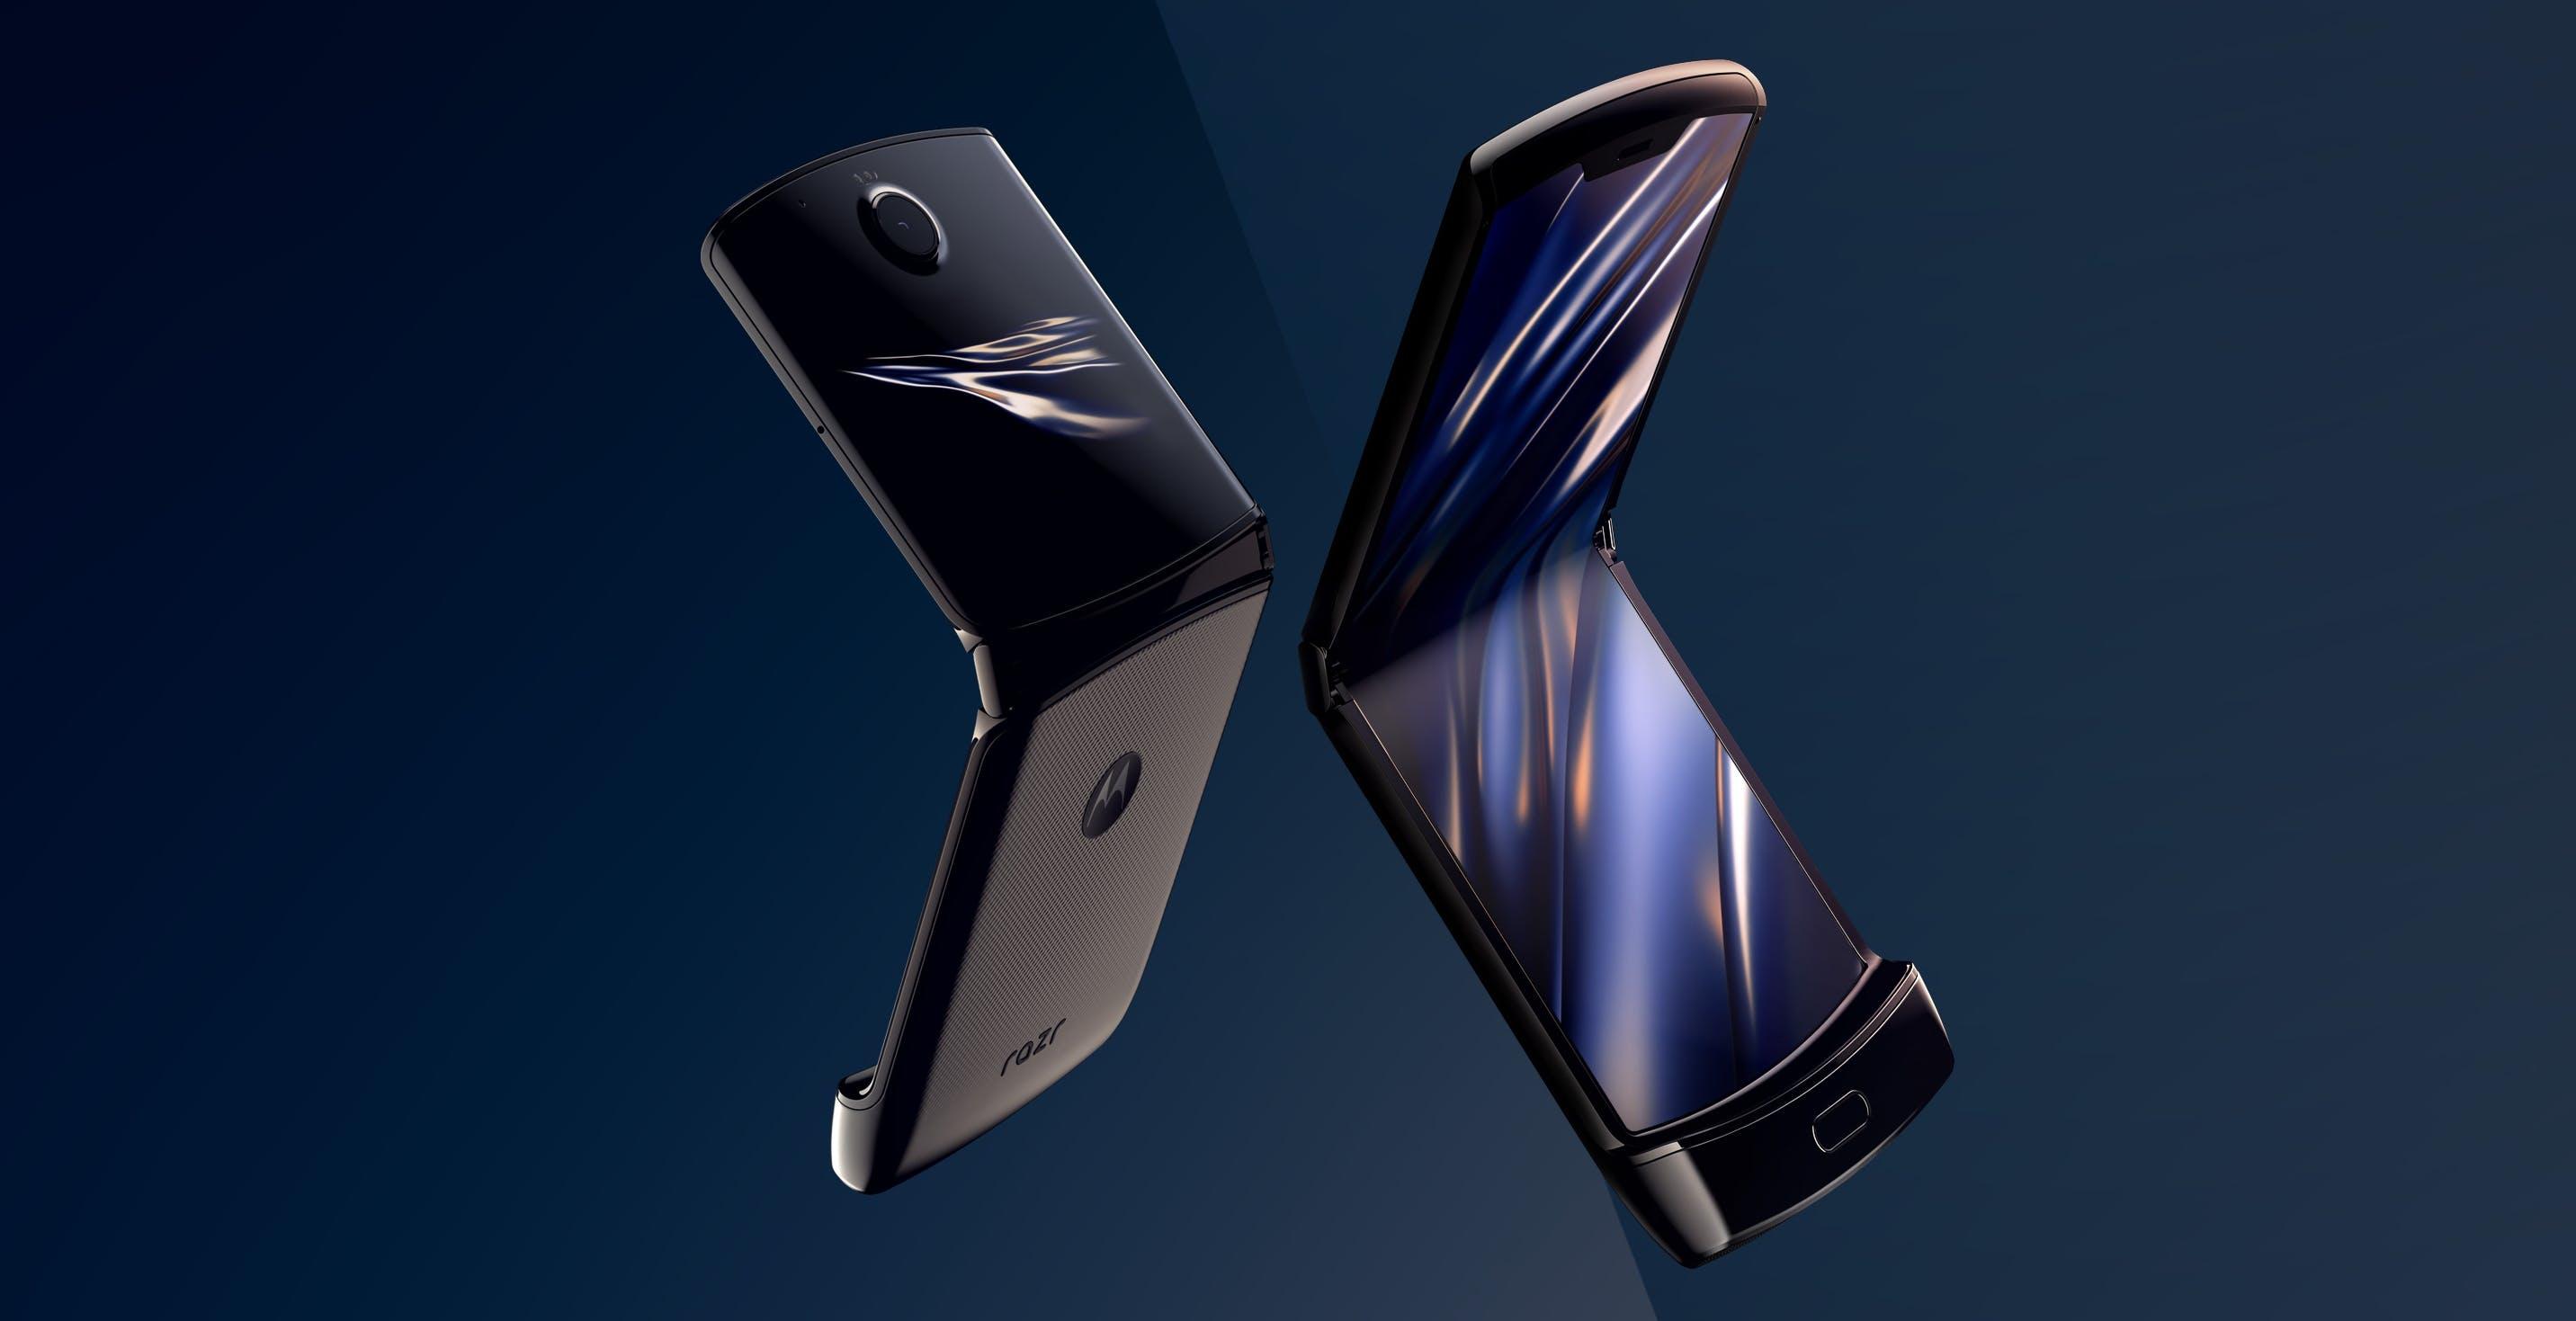 Il Motorola RAZR 2 è rimandato. Il lancio del pieghevole slitta ad inizio 2021